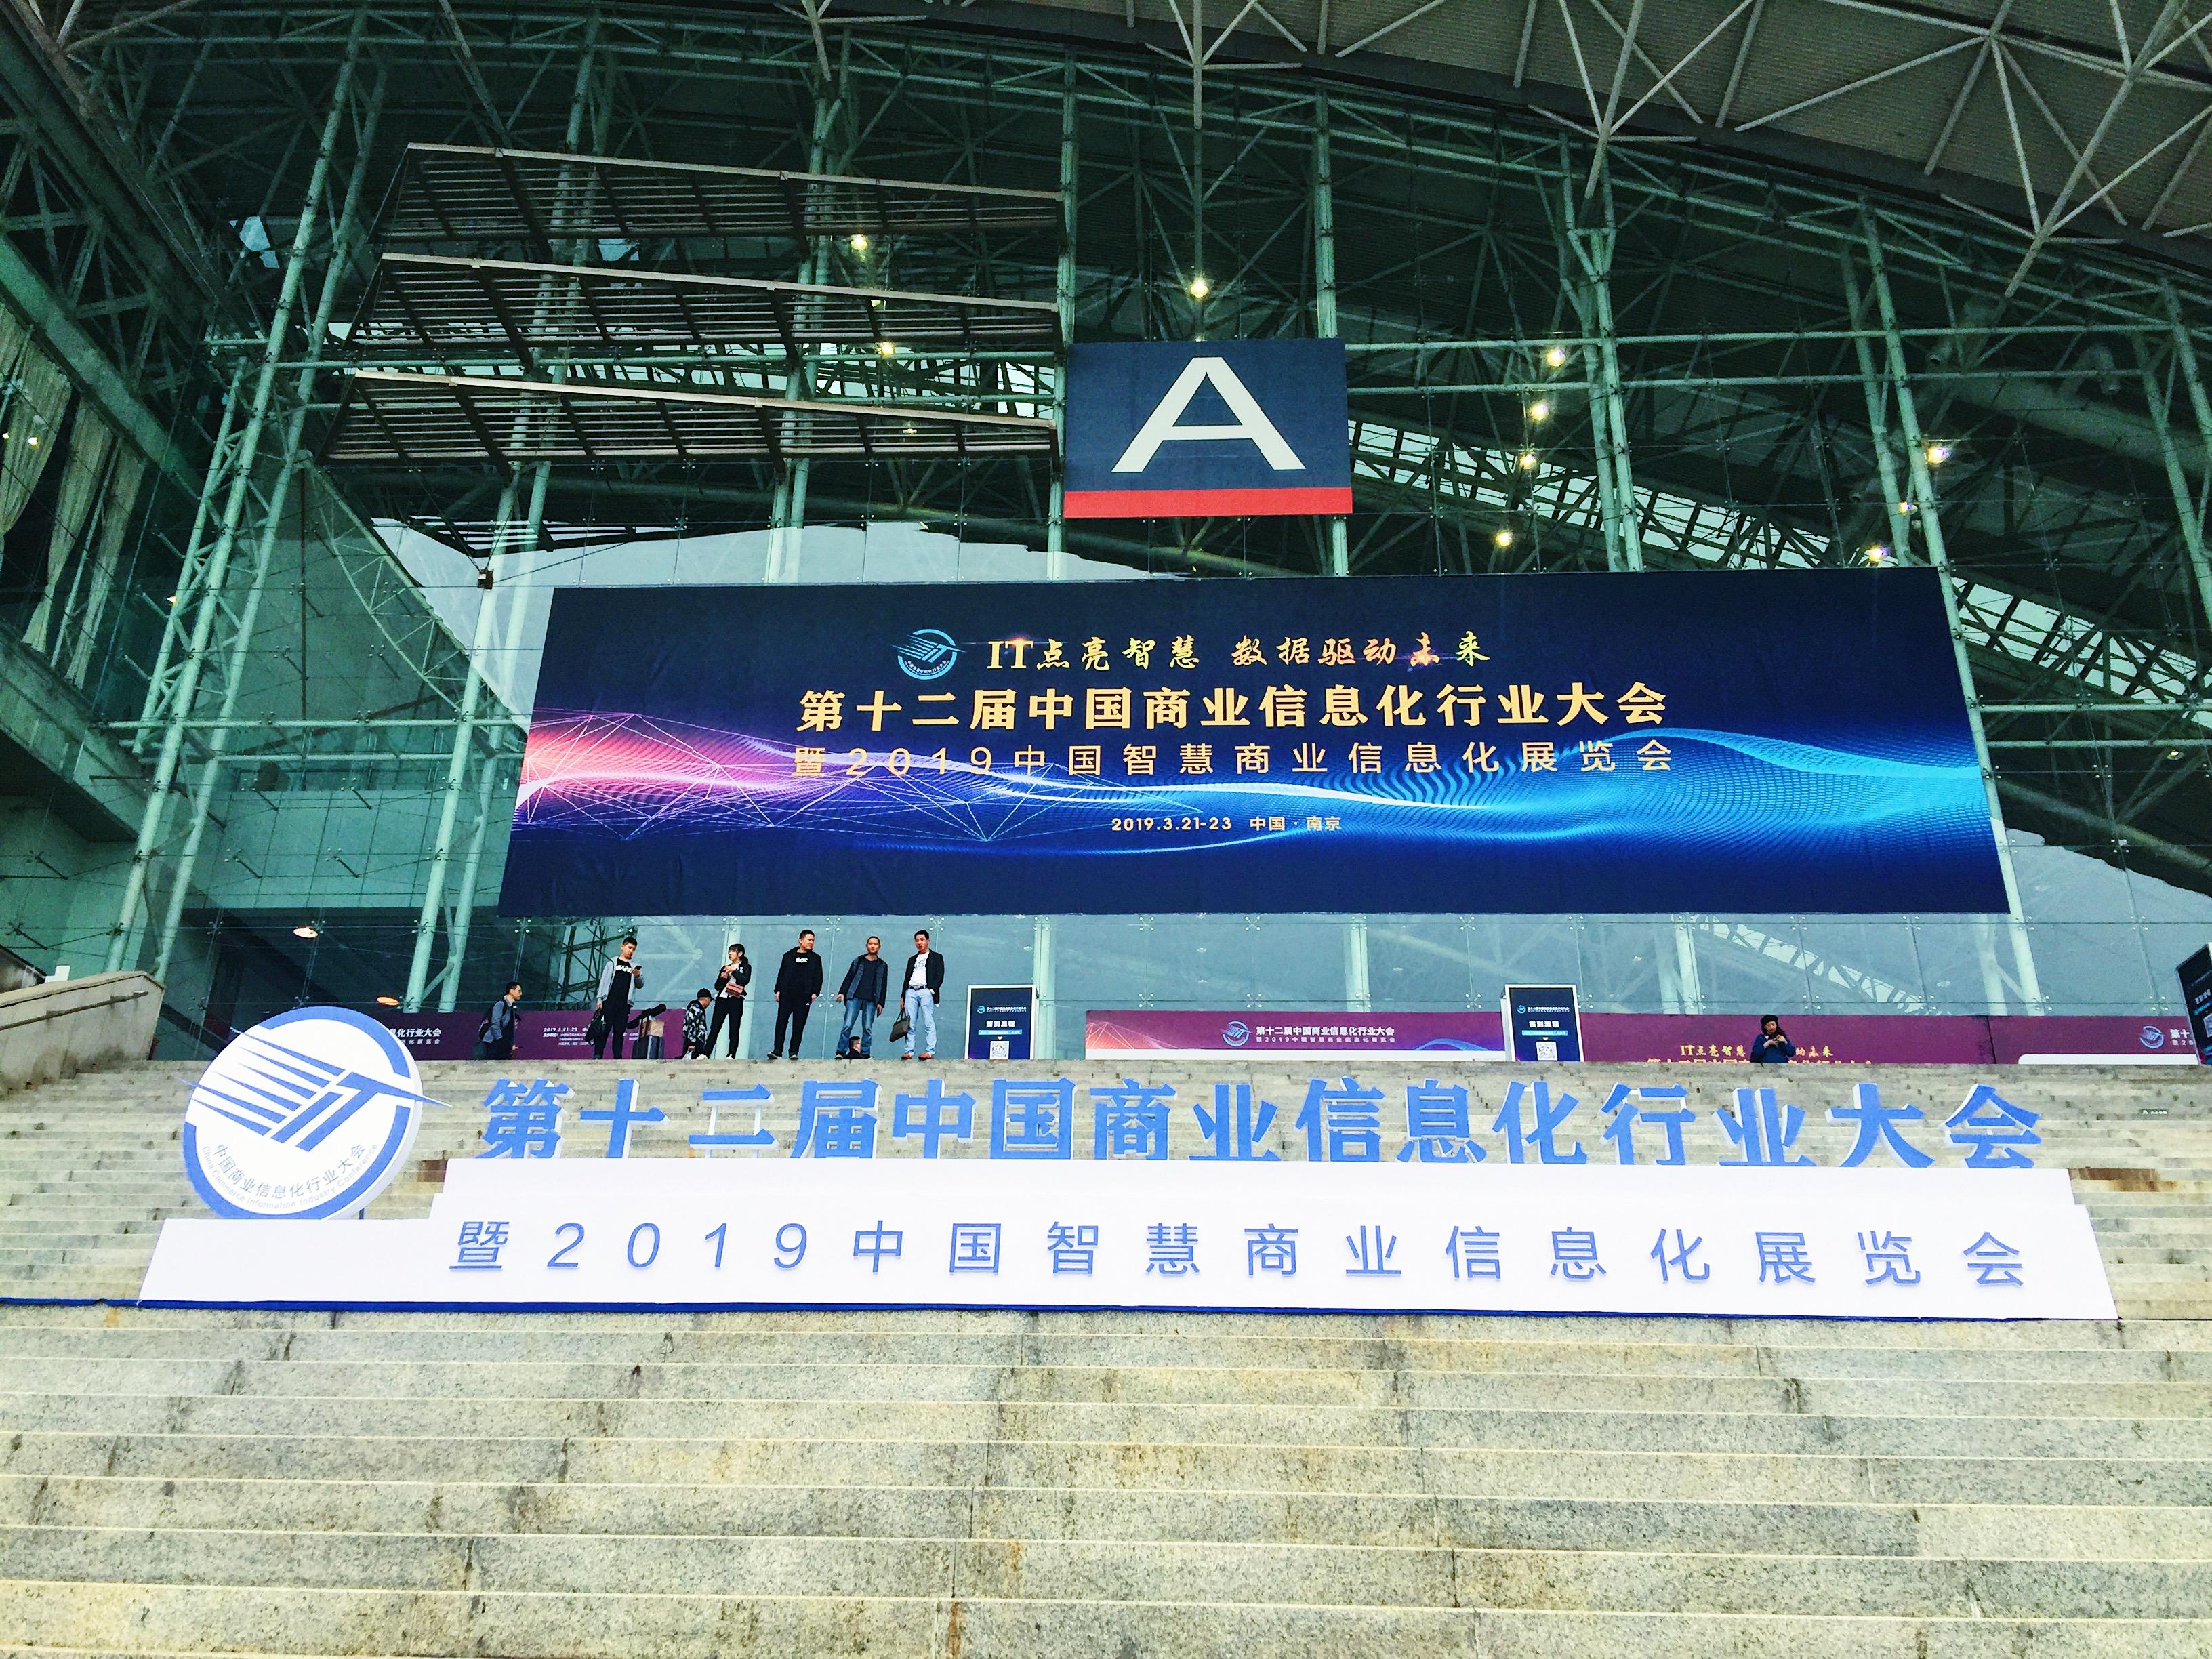 第十二届中国商业信息化行业大会喜获潜力新品奖